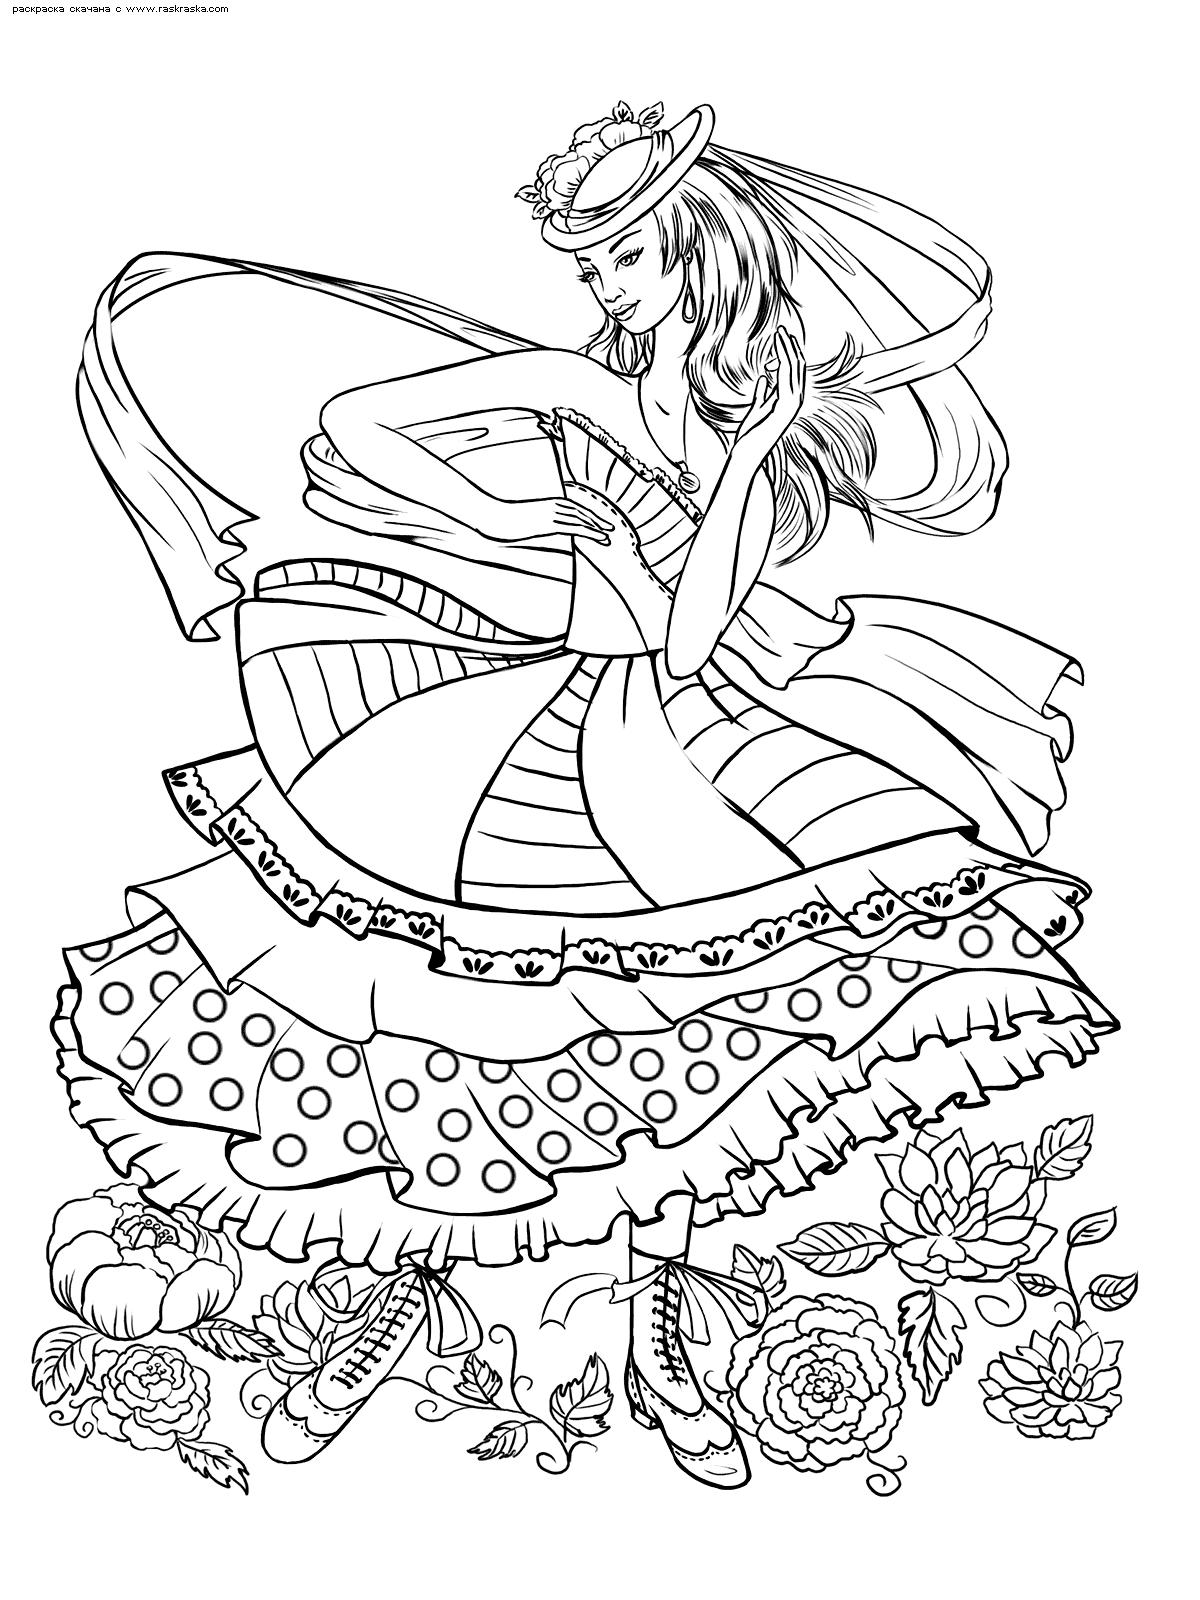 Раскраска Девушка в шляпке. Раскраска антистресс